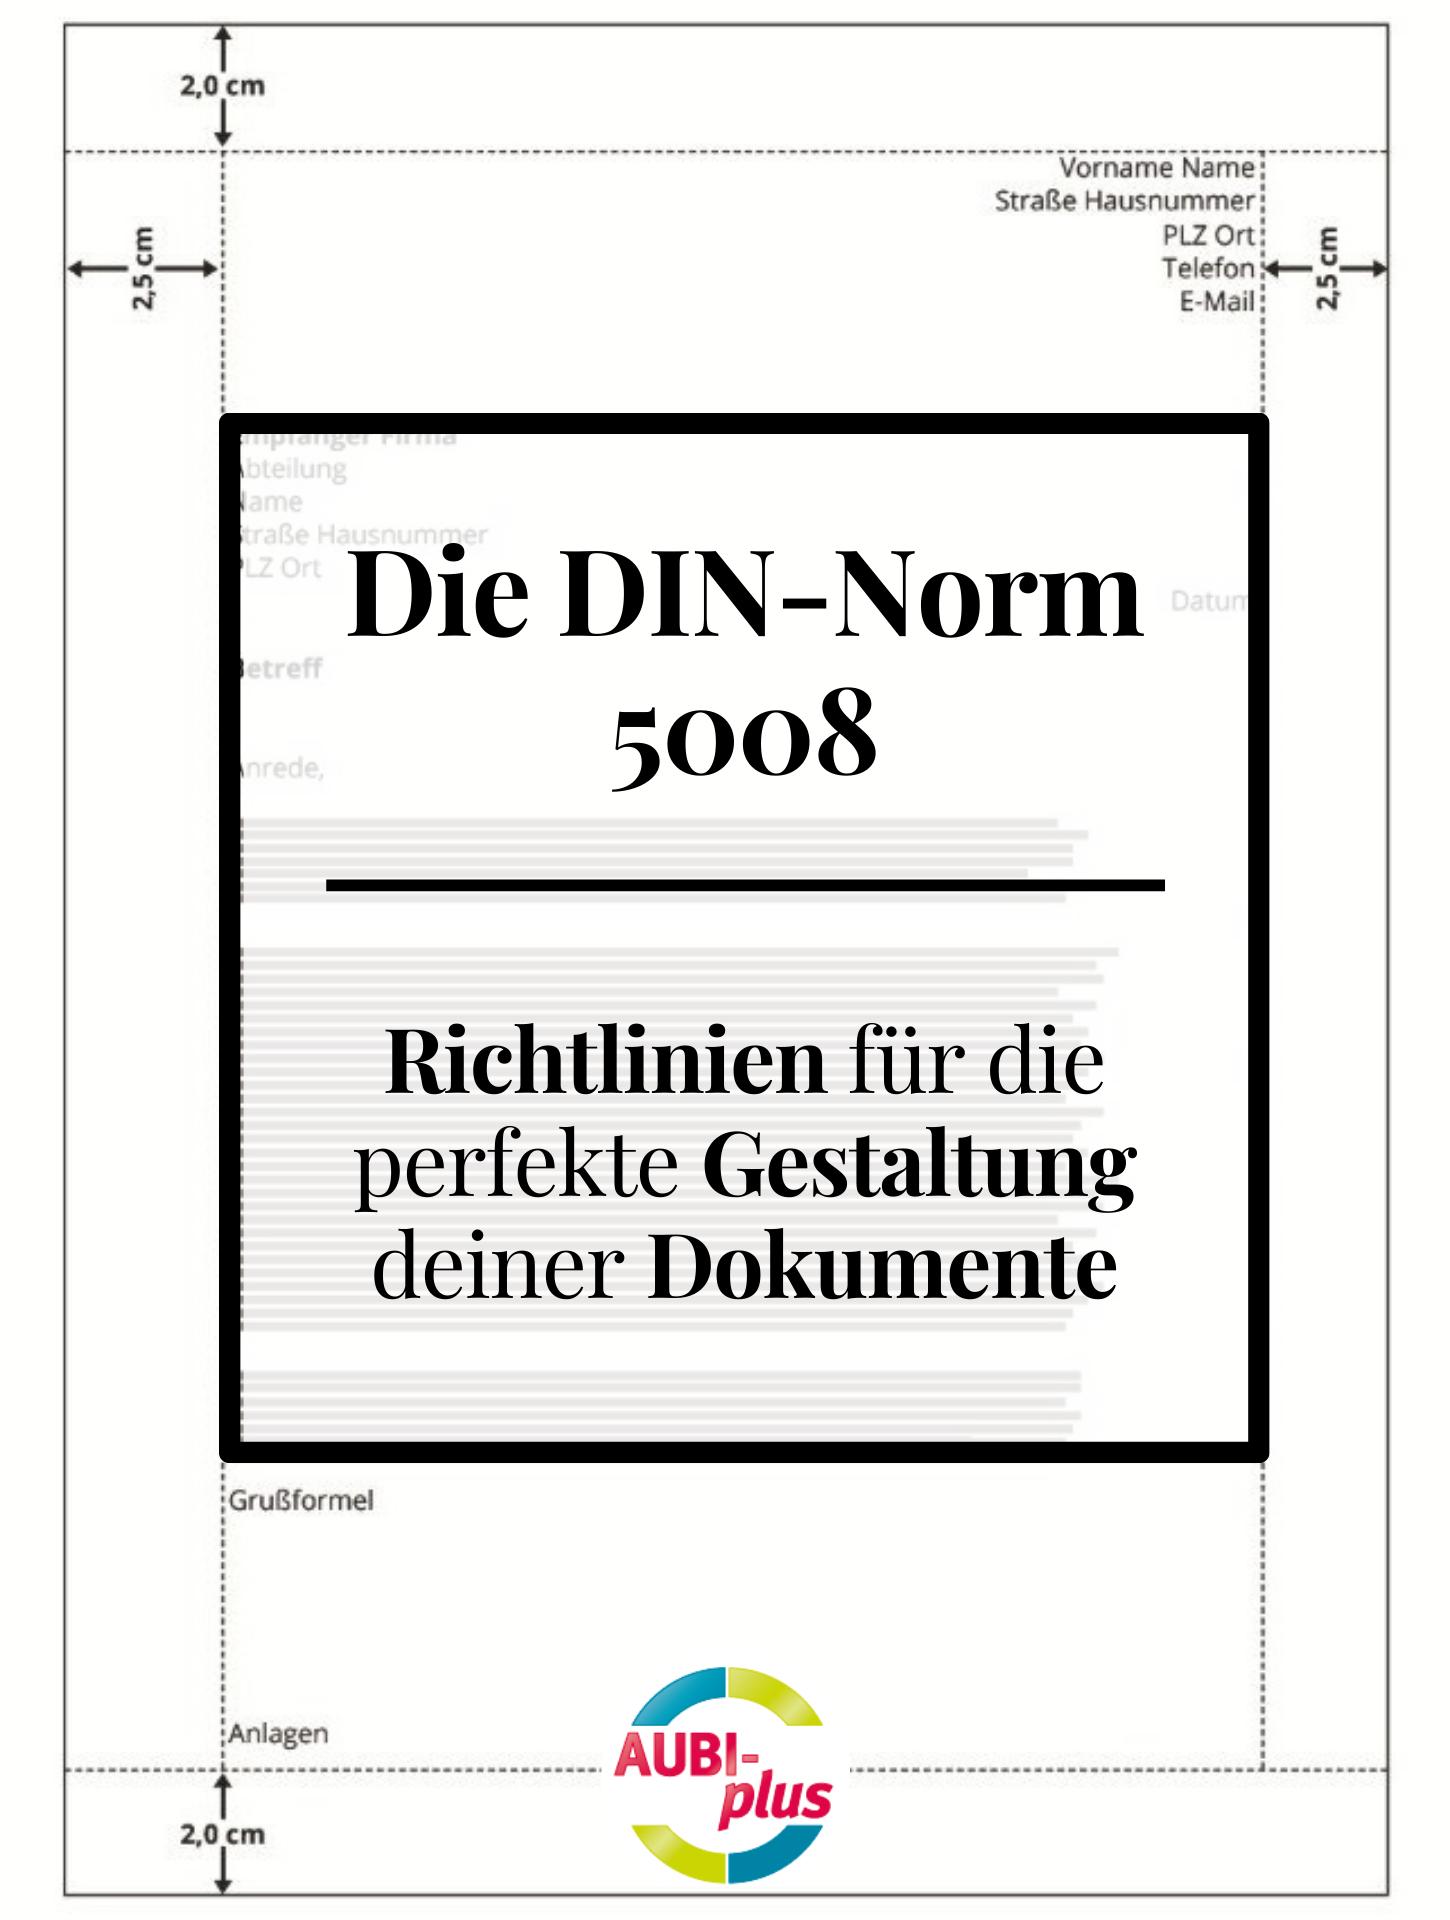 Din Norm 5008 Richtlinien Der Textgestaltung In 2020 Bewerbung Geschaftsbrief Bewerbungstipps